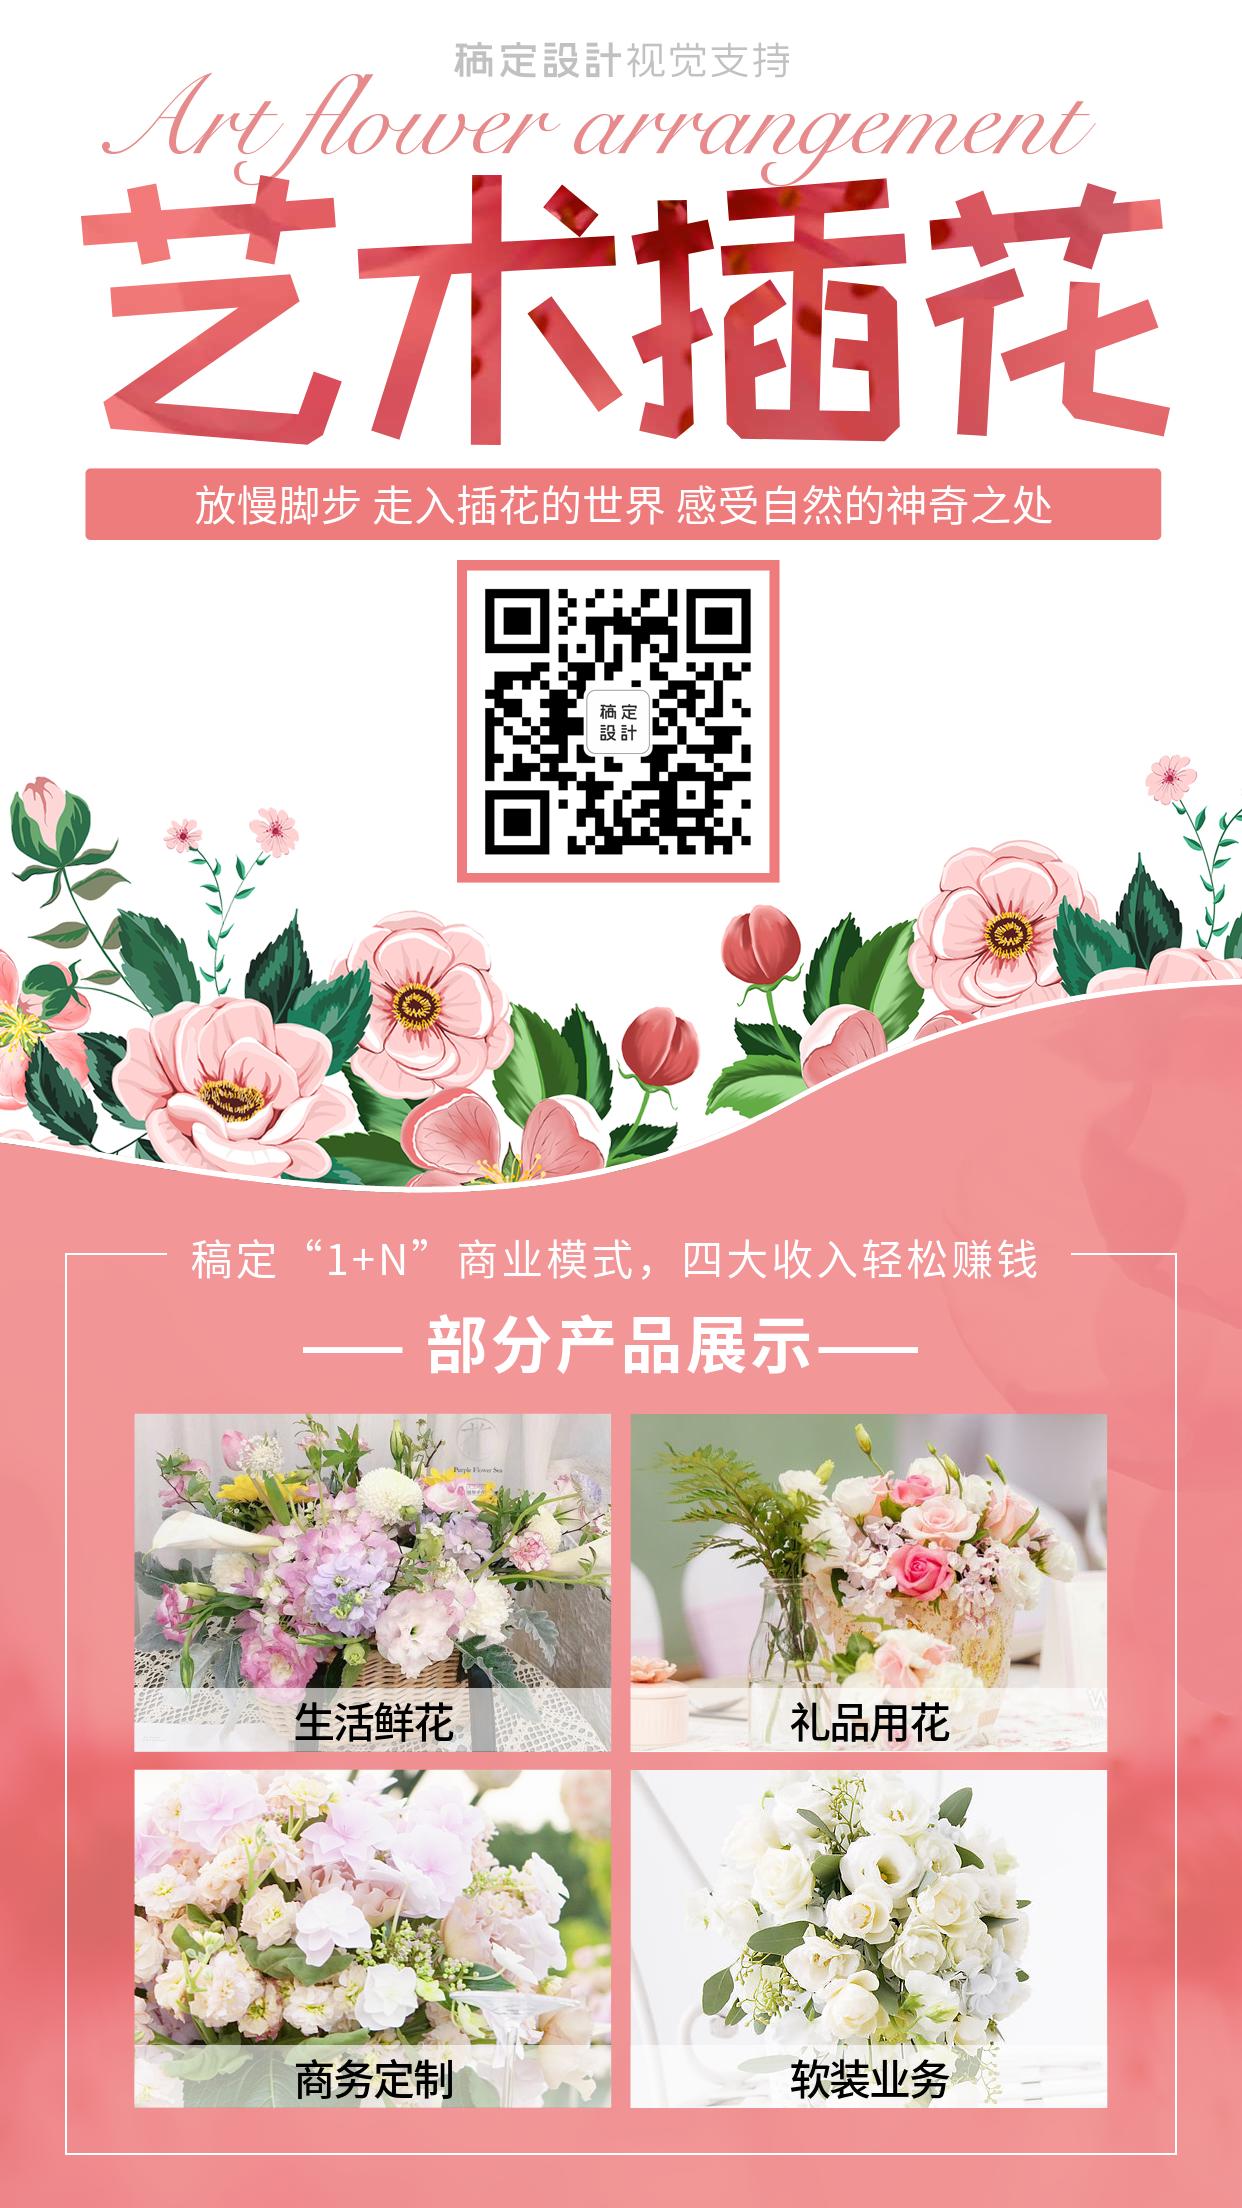 艺术插花产品展示